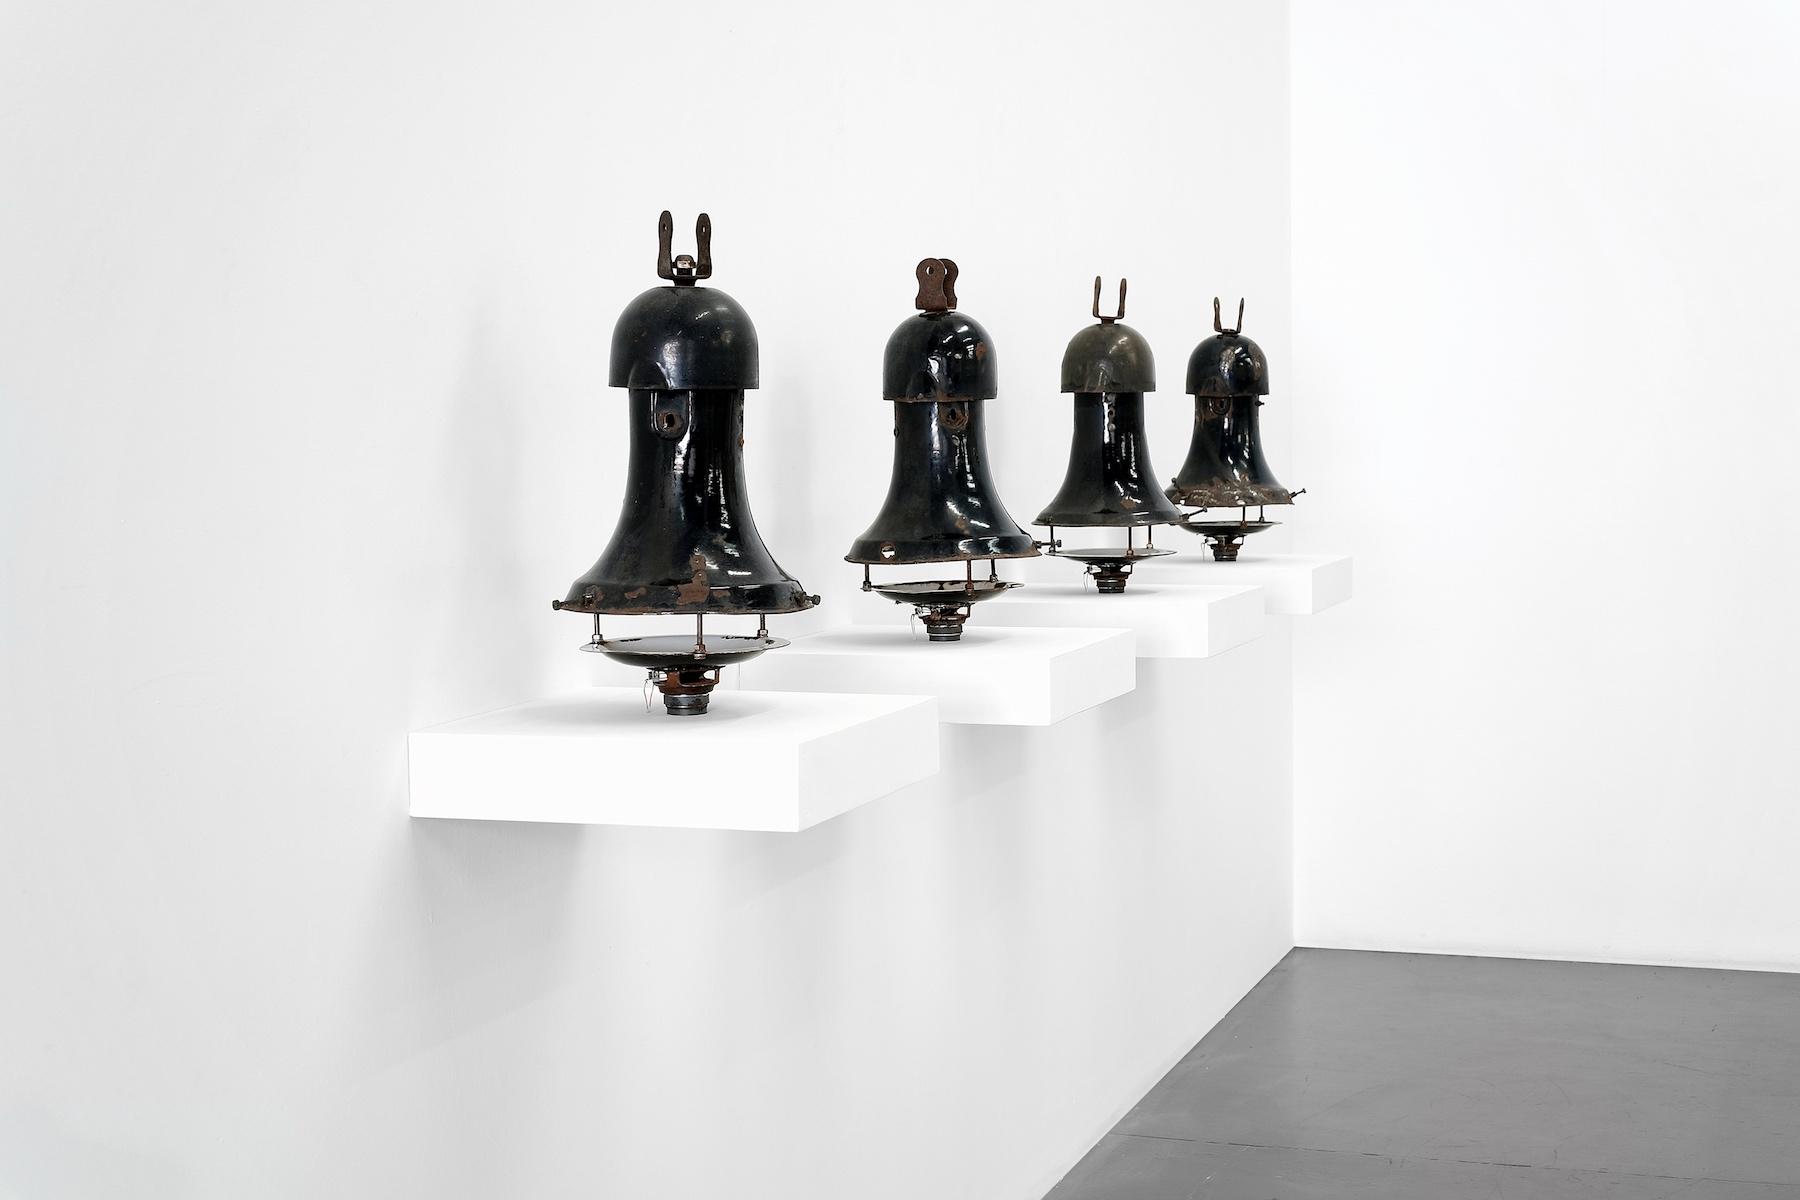 Jacopo Mazzonelli e Matteo Franceschini, Black Swans, 2019, lampioni stradali, diffusori, suono quadrifonico, cm 43x280x25